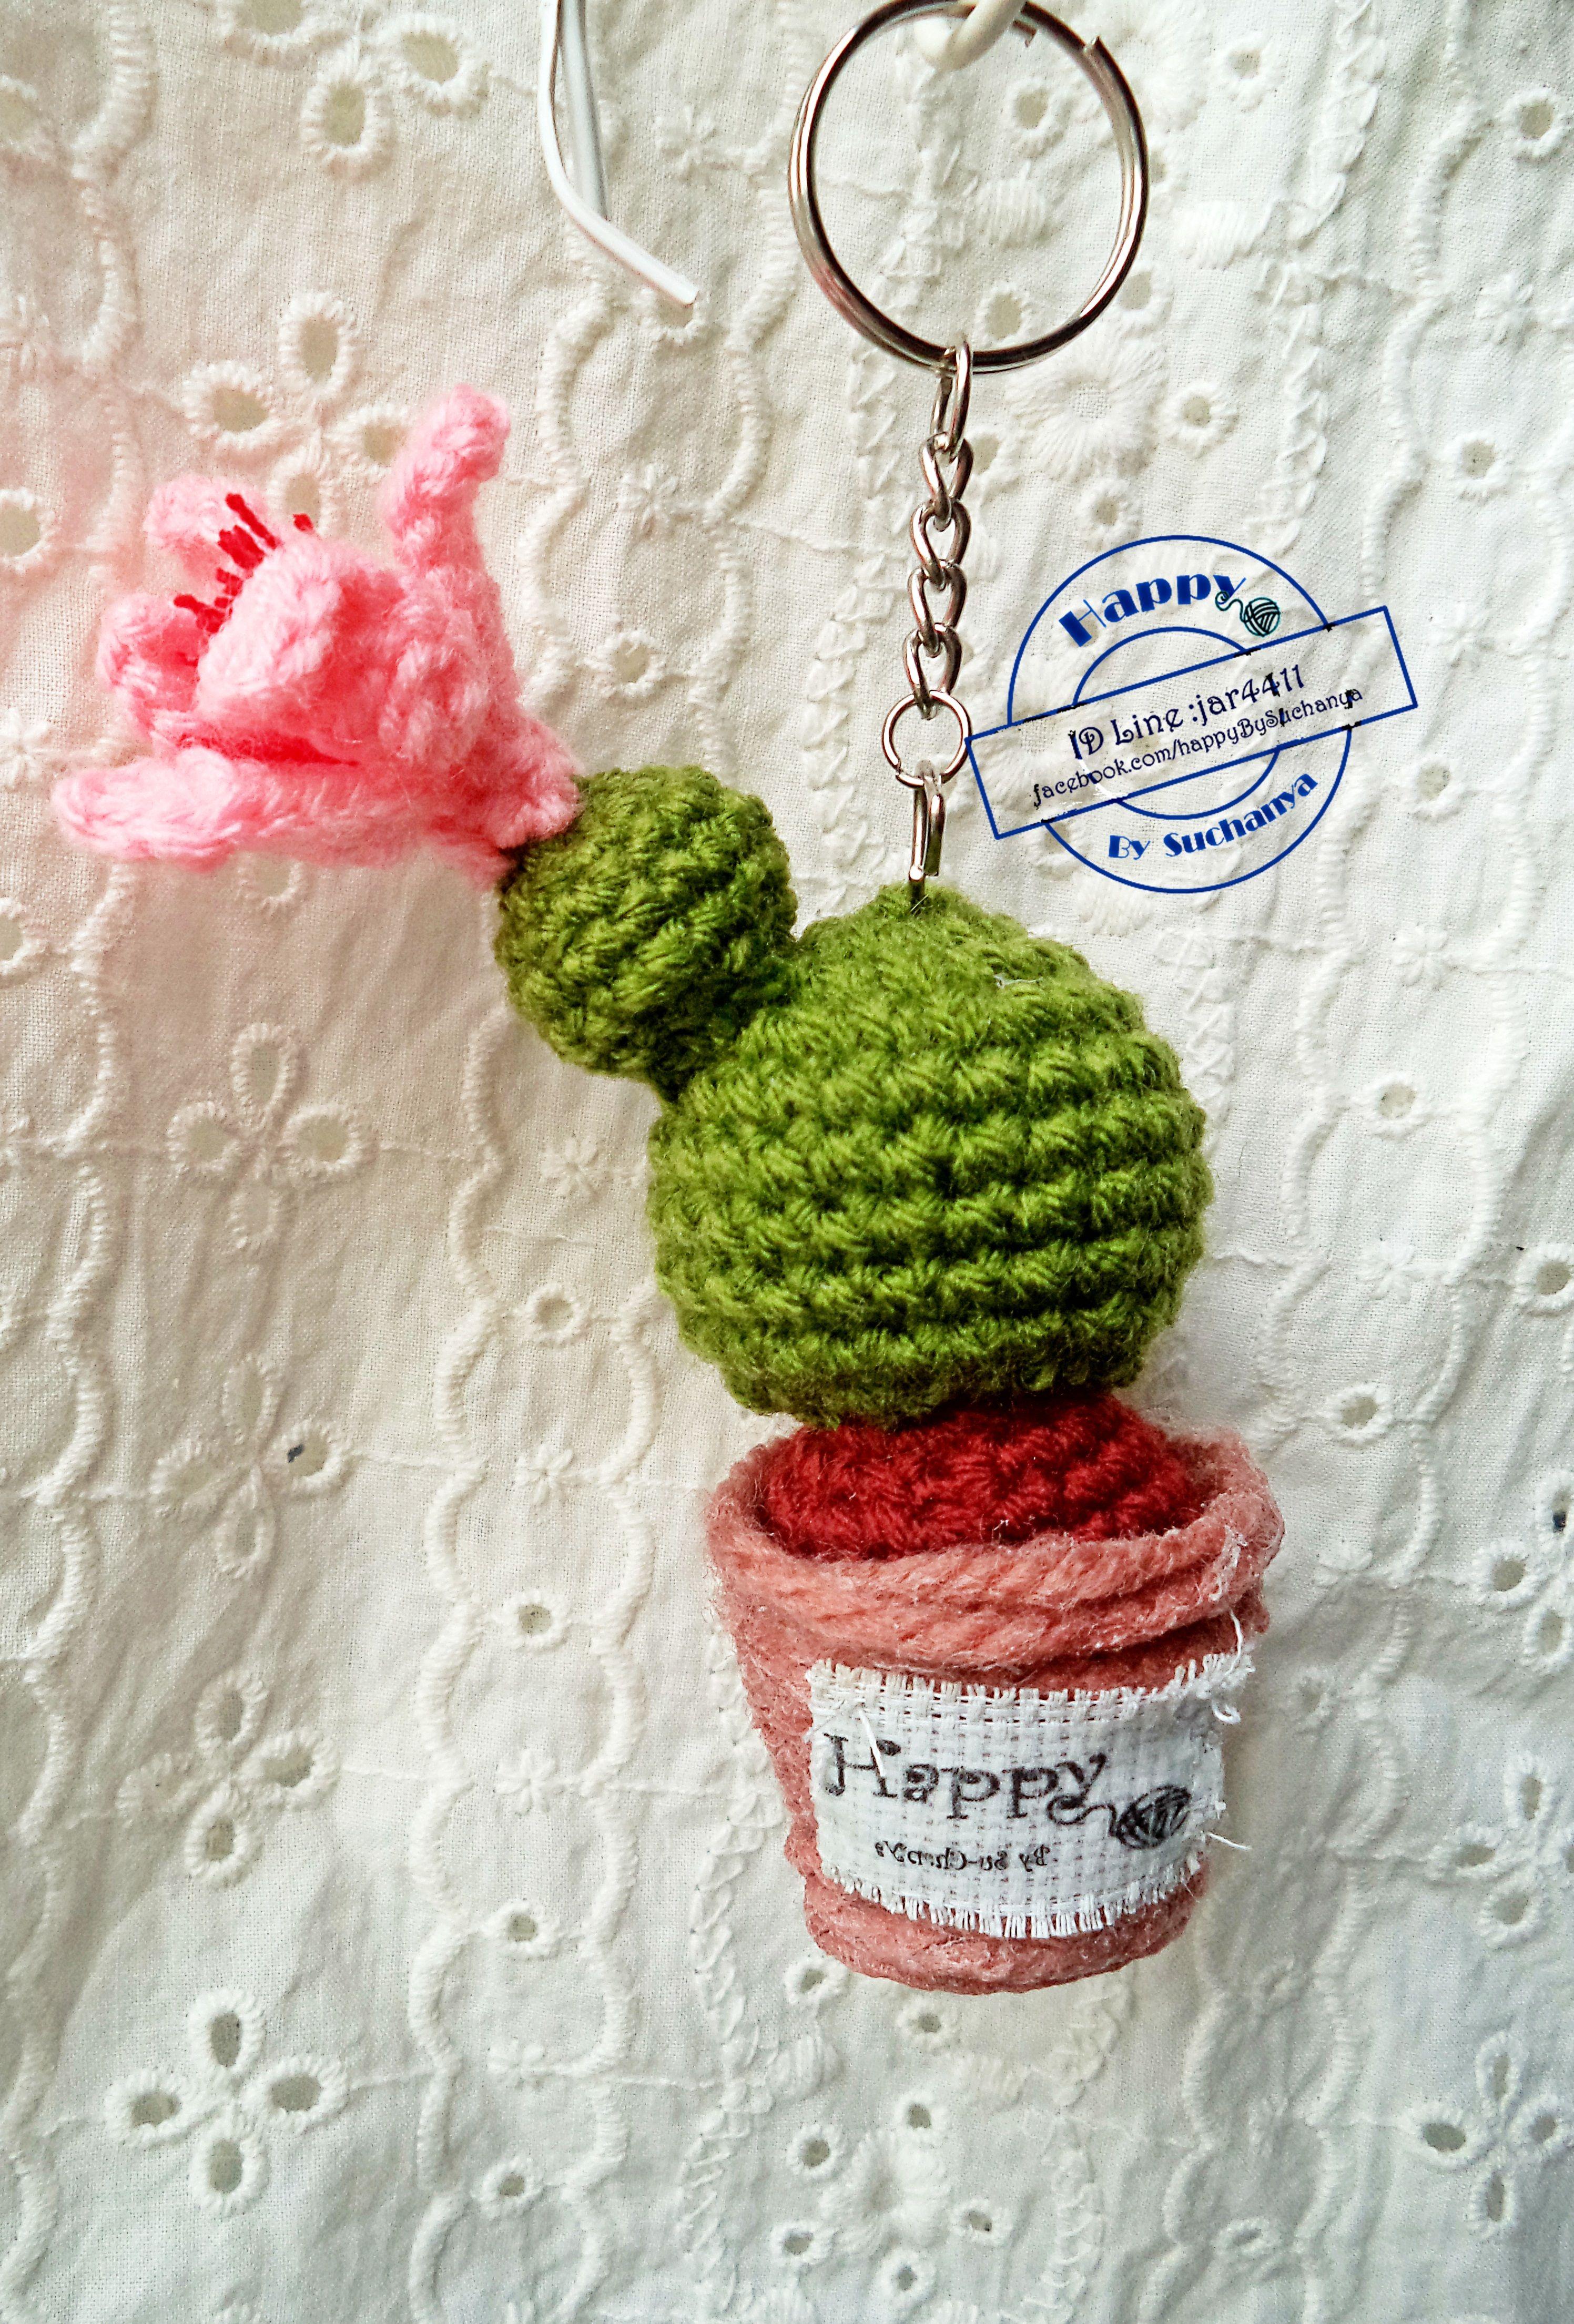 Pin de Patricia en crochet   Pinterest   Llaveros, Tejido y Cactus